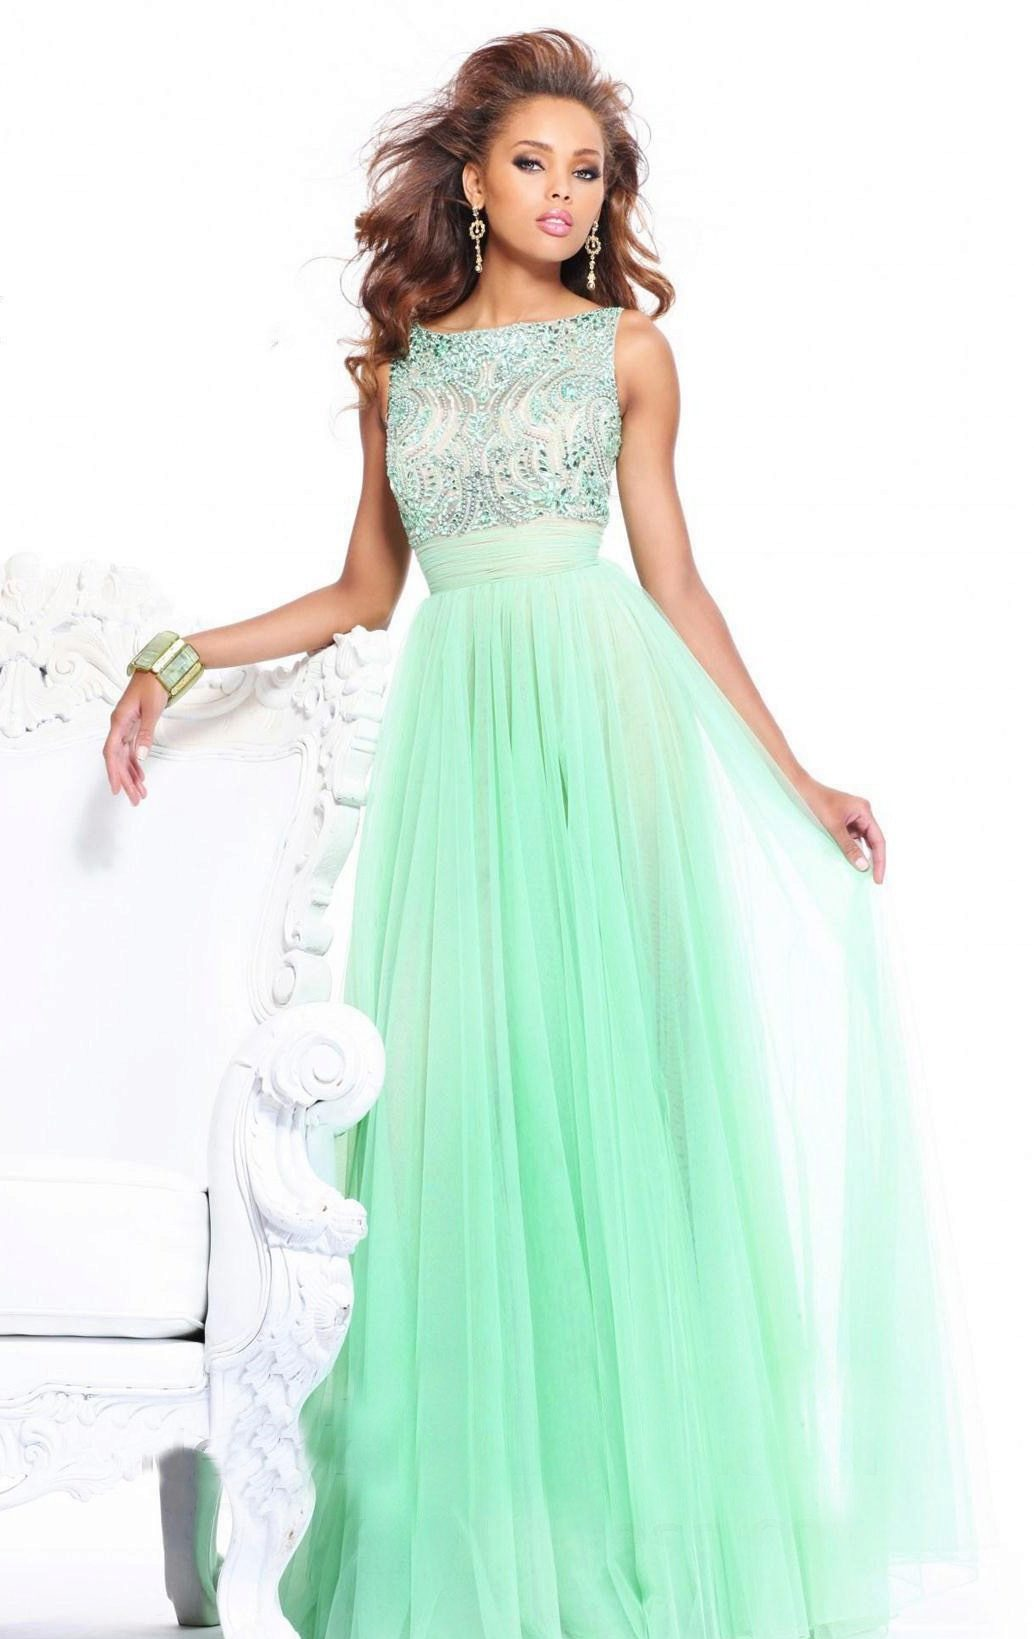 2dea264974d Мятное платье со стразами. В мятном цвете длинные платья ...